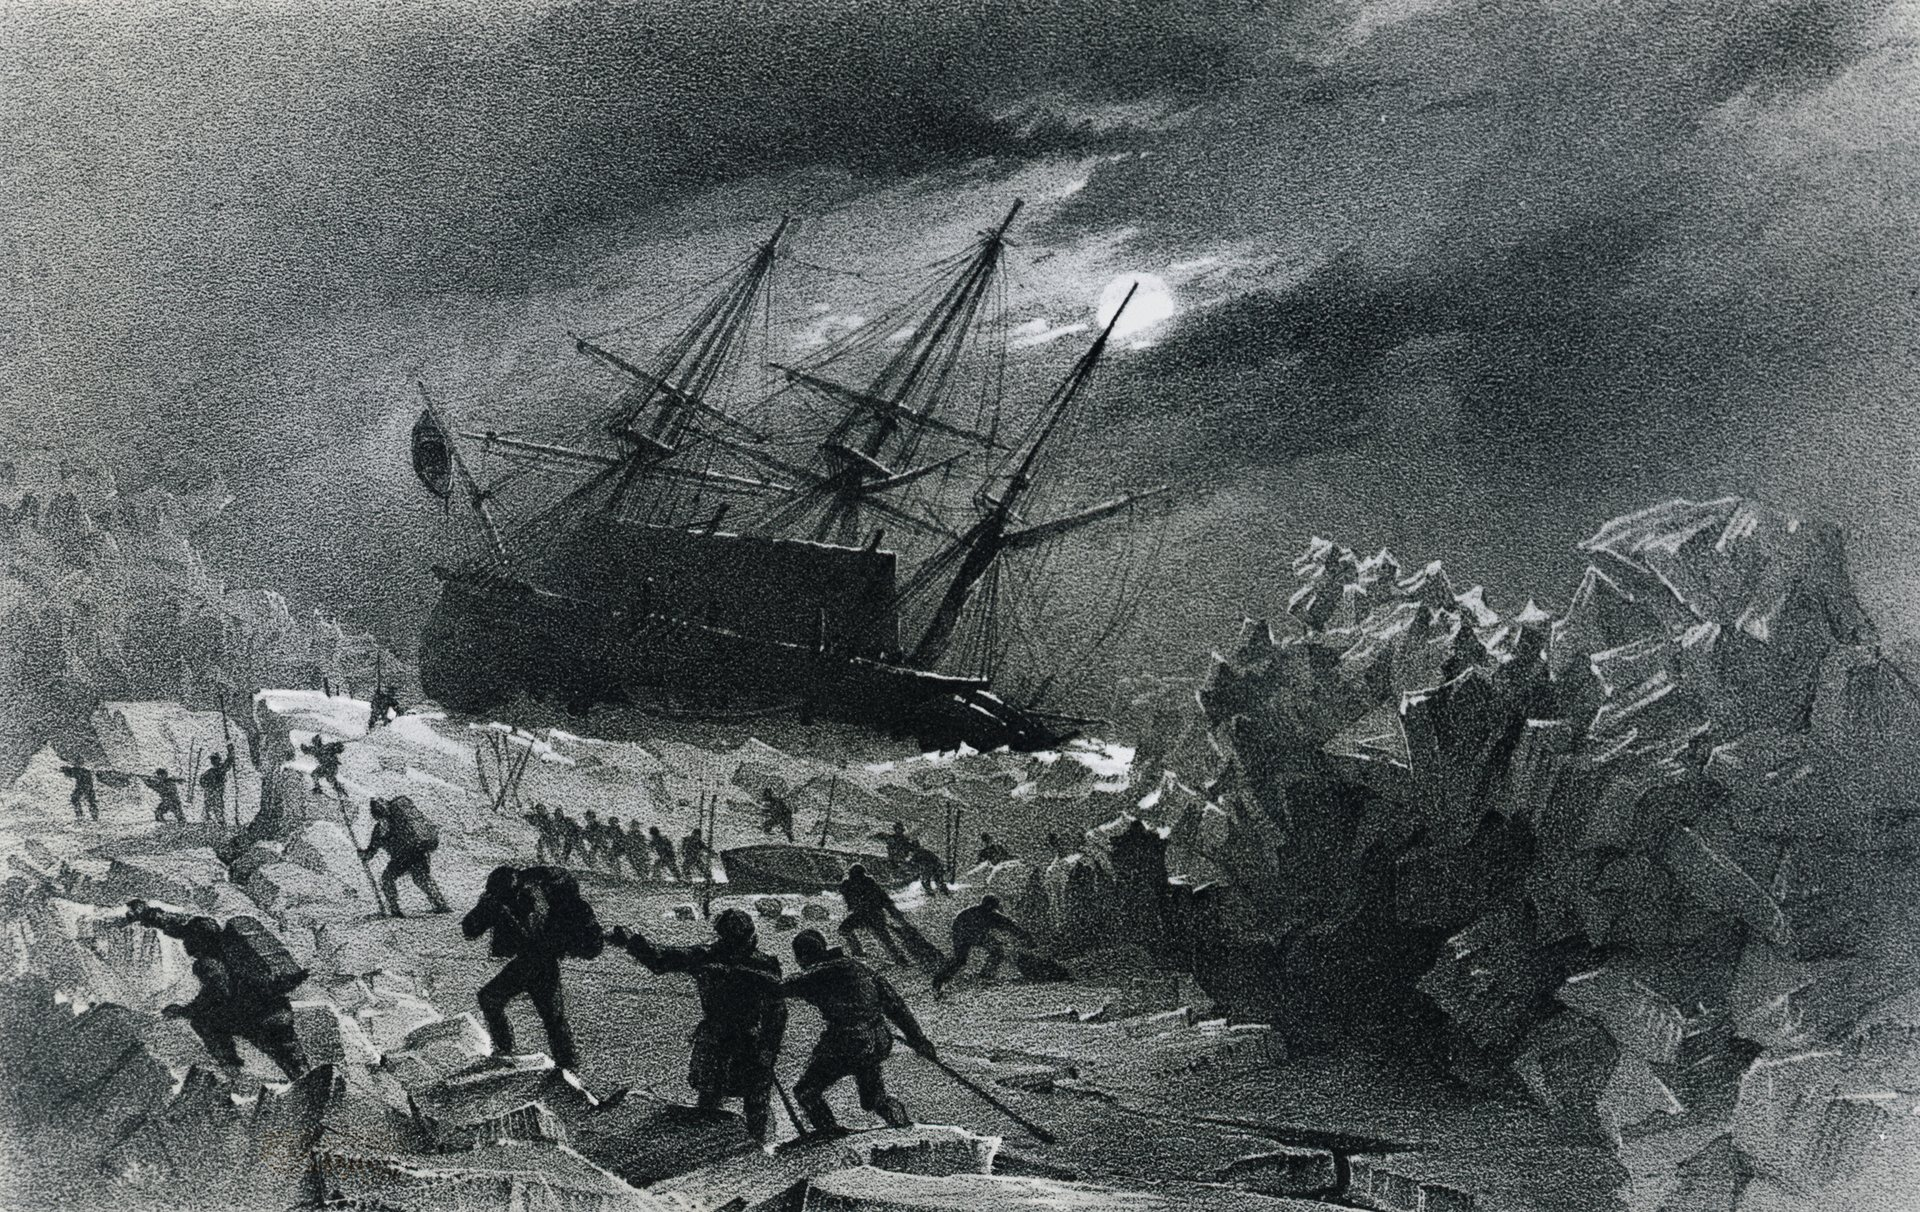 Ritrovata la HMS Terror, l'altra nave della spedizione perduta di Franklin